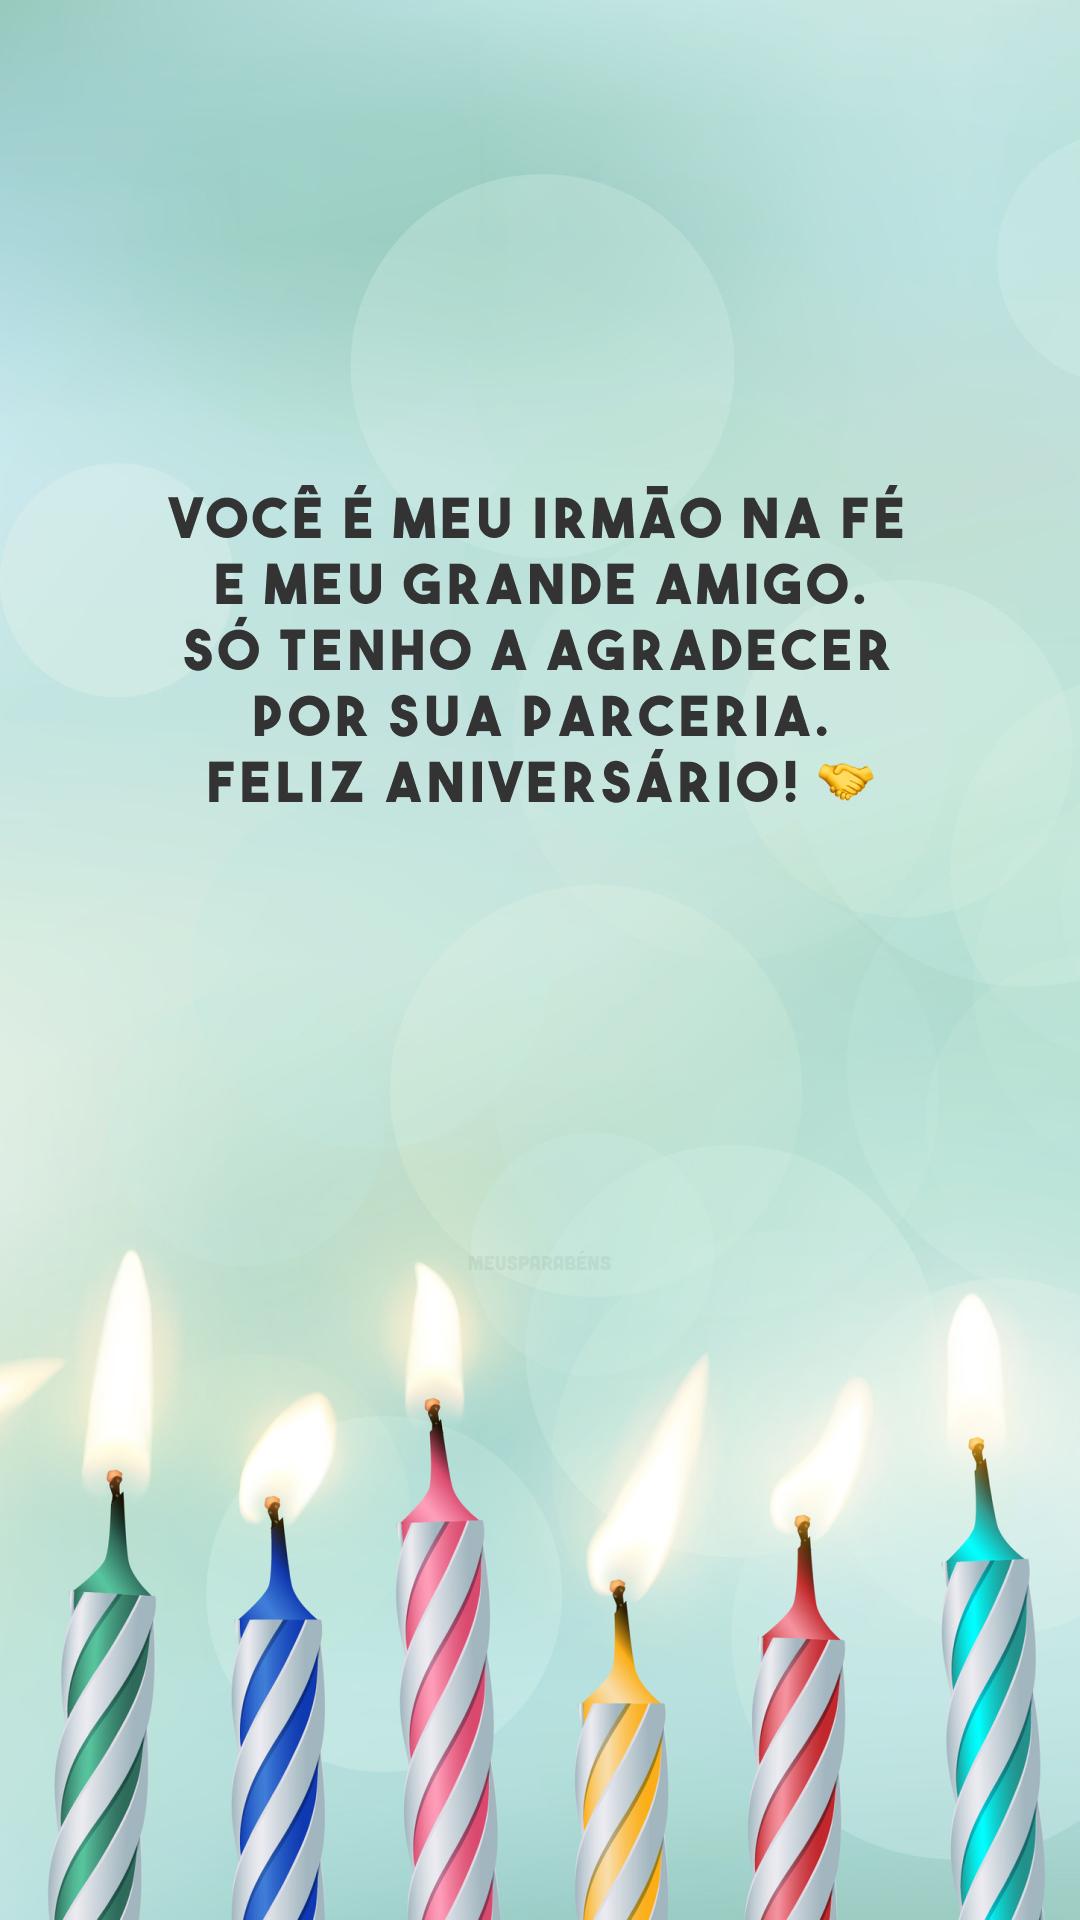 Você é meu irmão na fé e meu grande amigo. Só tenho a agradecer por sua parceria. Feliz aniversário! 🤝